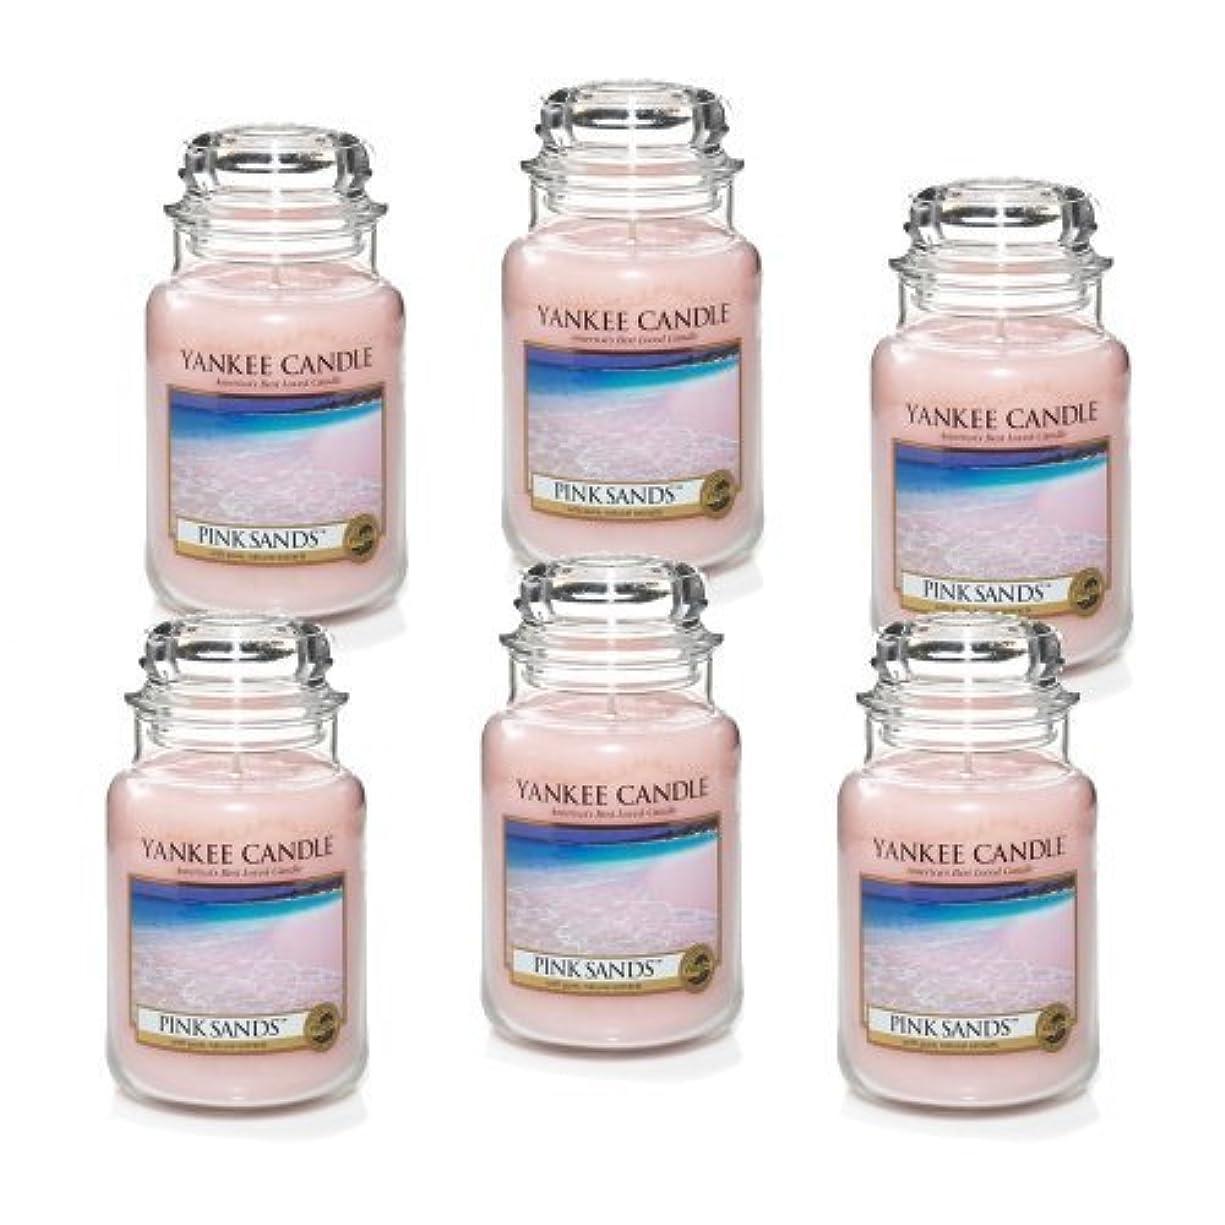 保存するくるみ第二にYankee Candle Company 22-Ounce Pink Sands Jar Candle, Large, Set of 6 by Amazon source [並行輸入品]